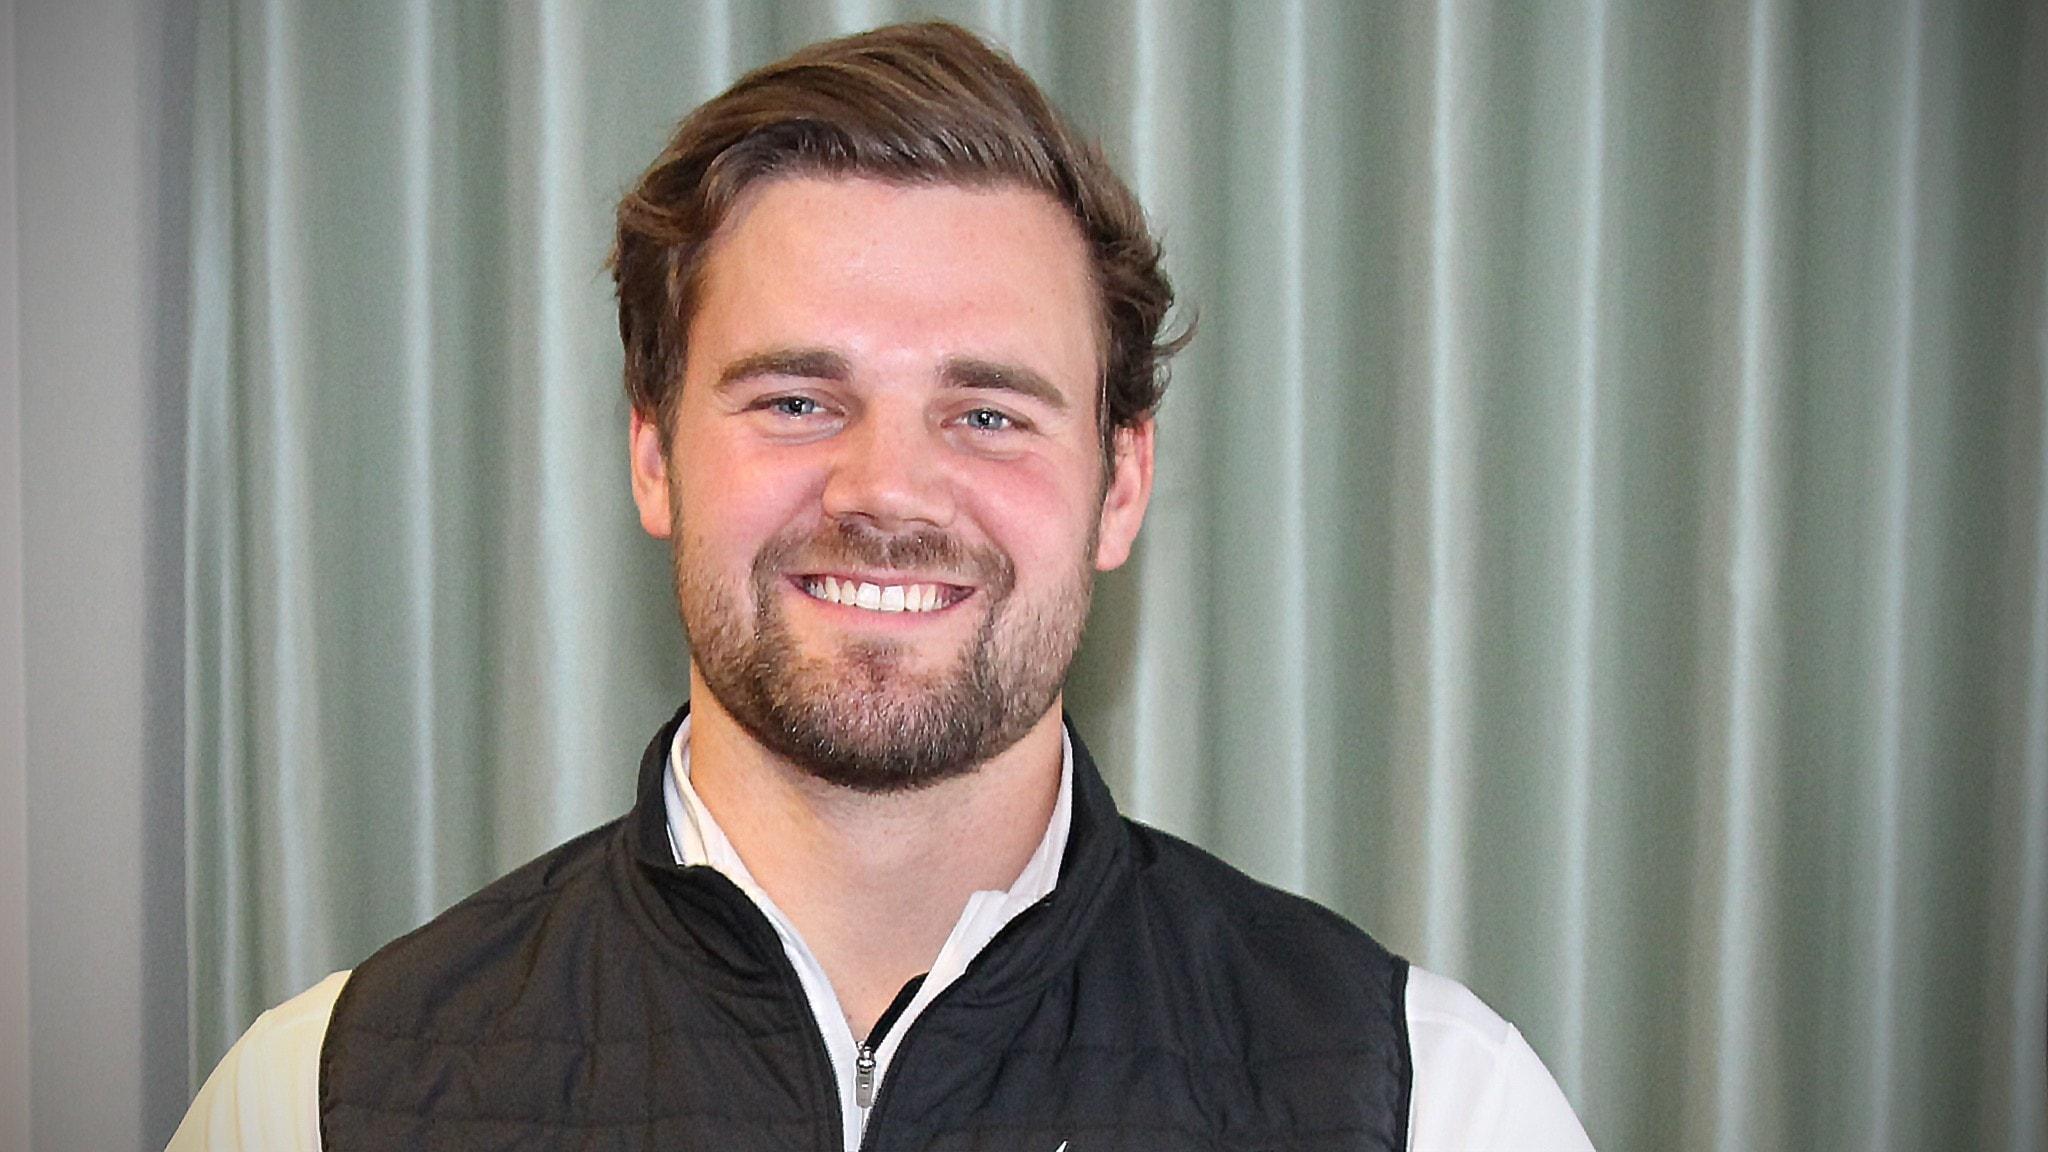 Simon Pettersson